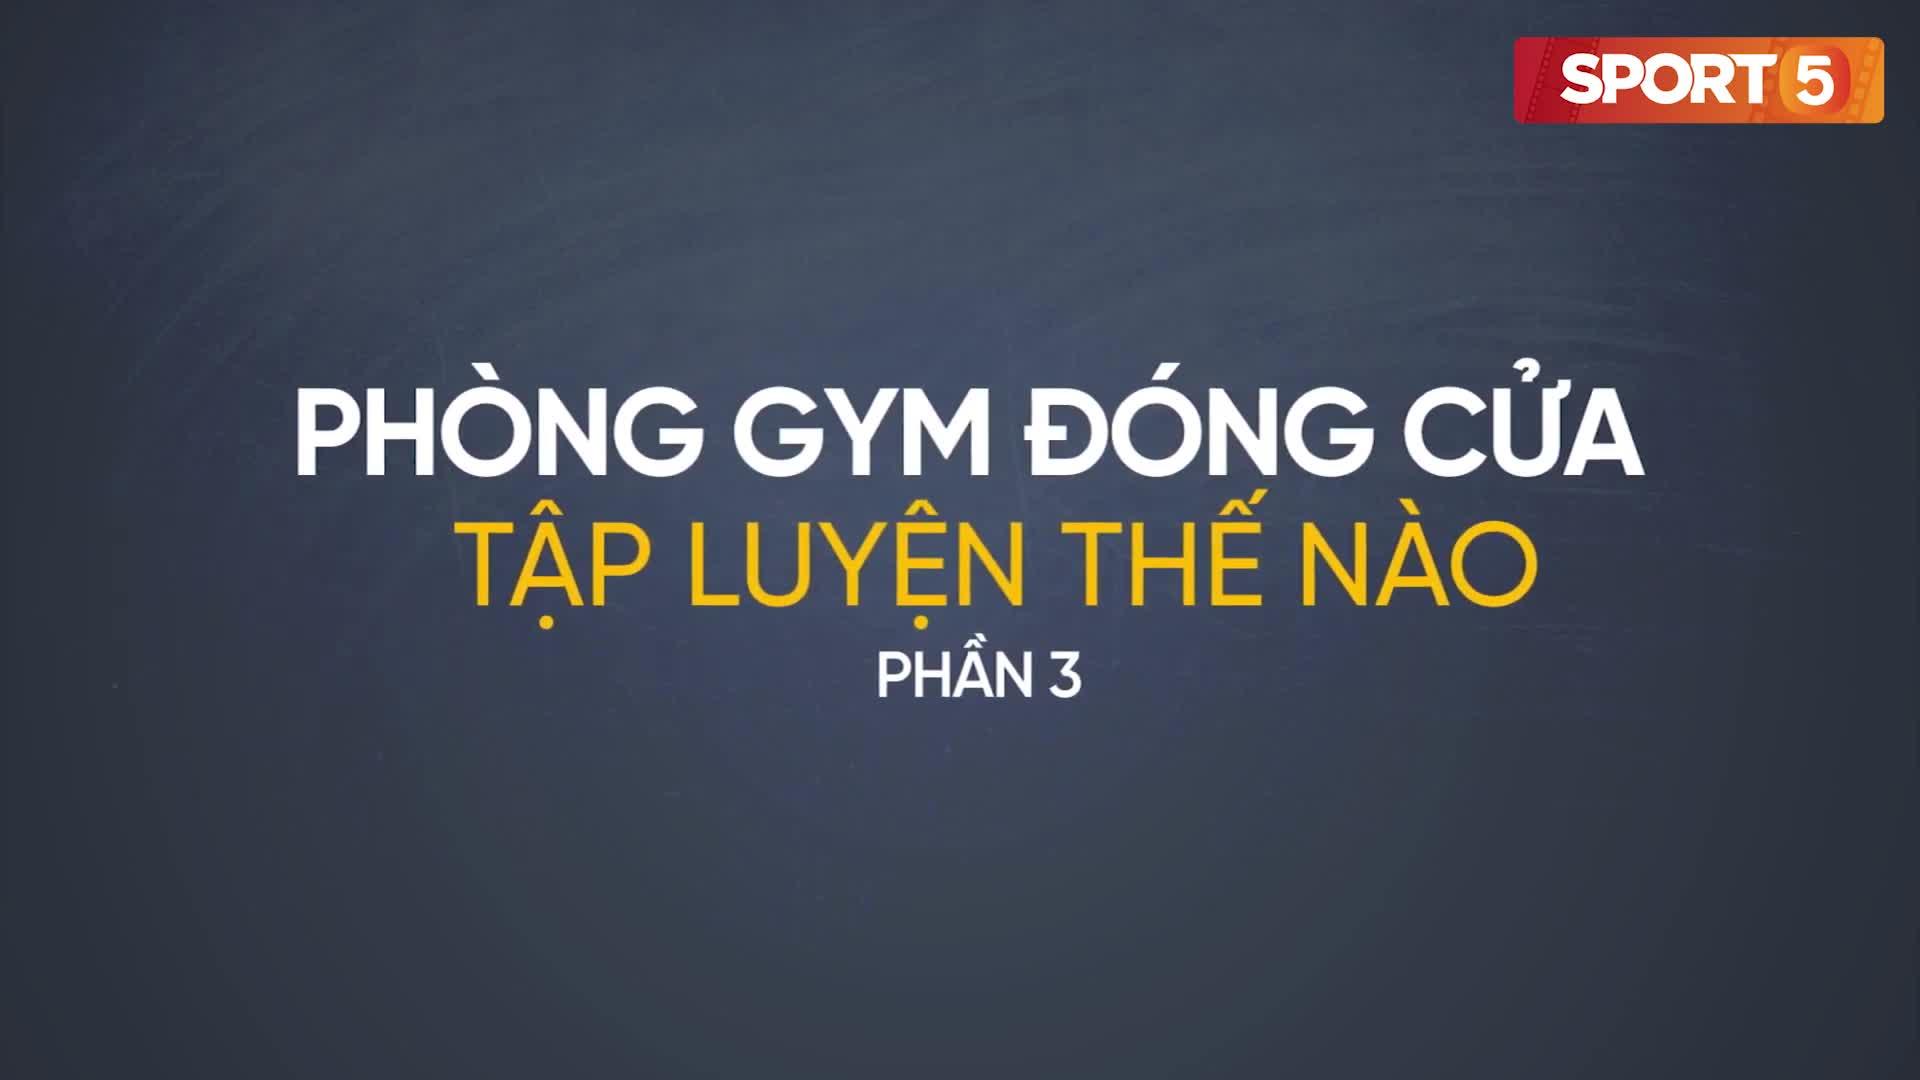 Hướng dẫn tập luyện khi phòng gym đóng cửa (phần 3): 4 phút độ mông sexy tại nhà